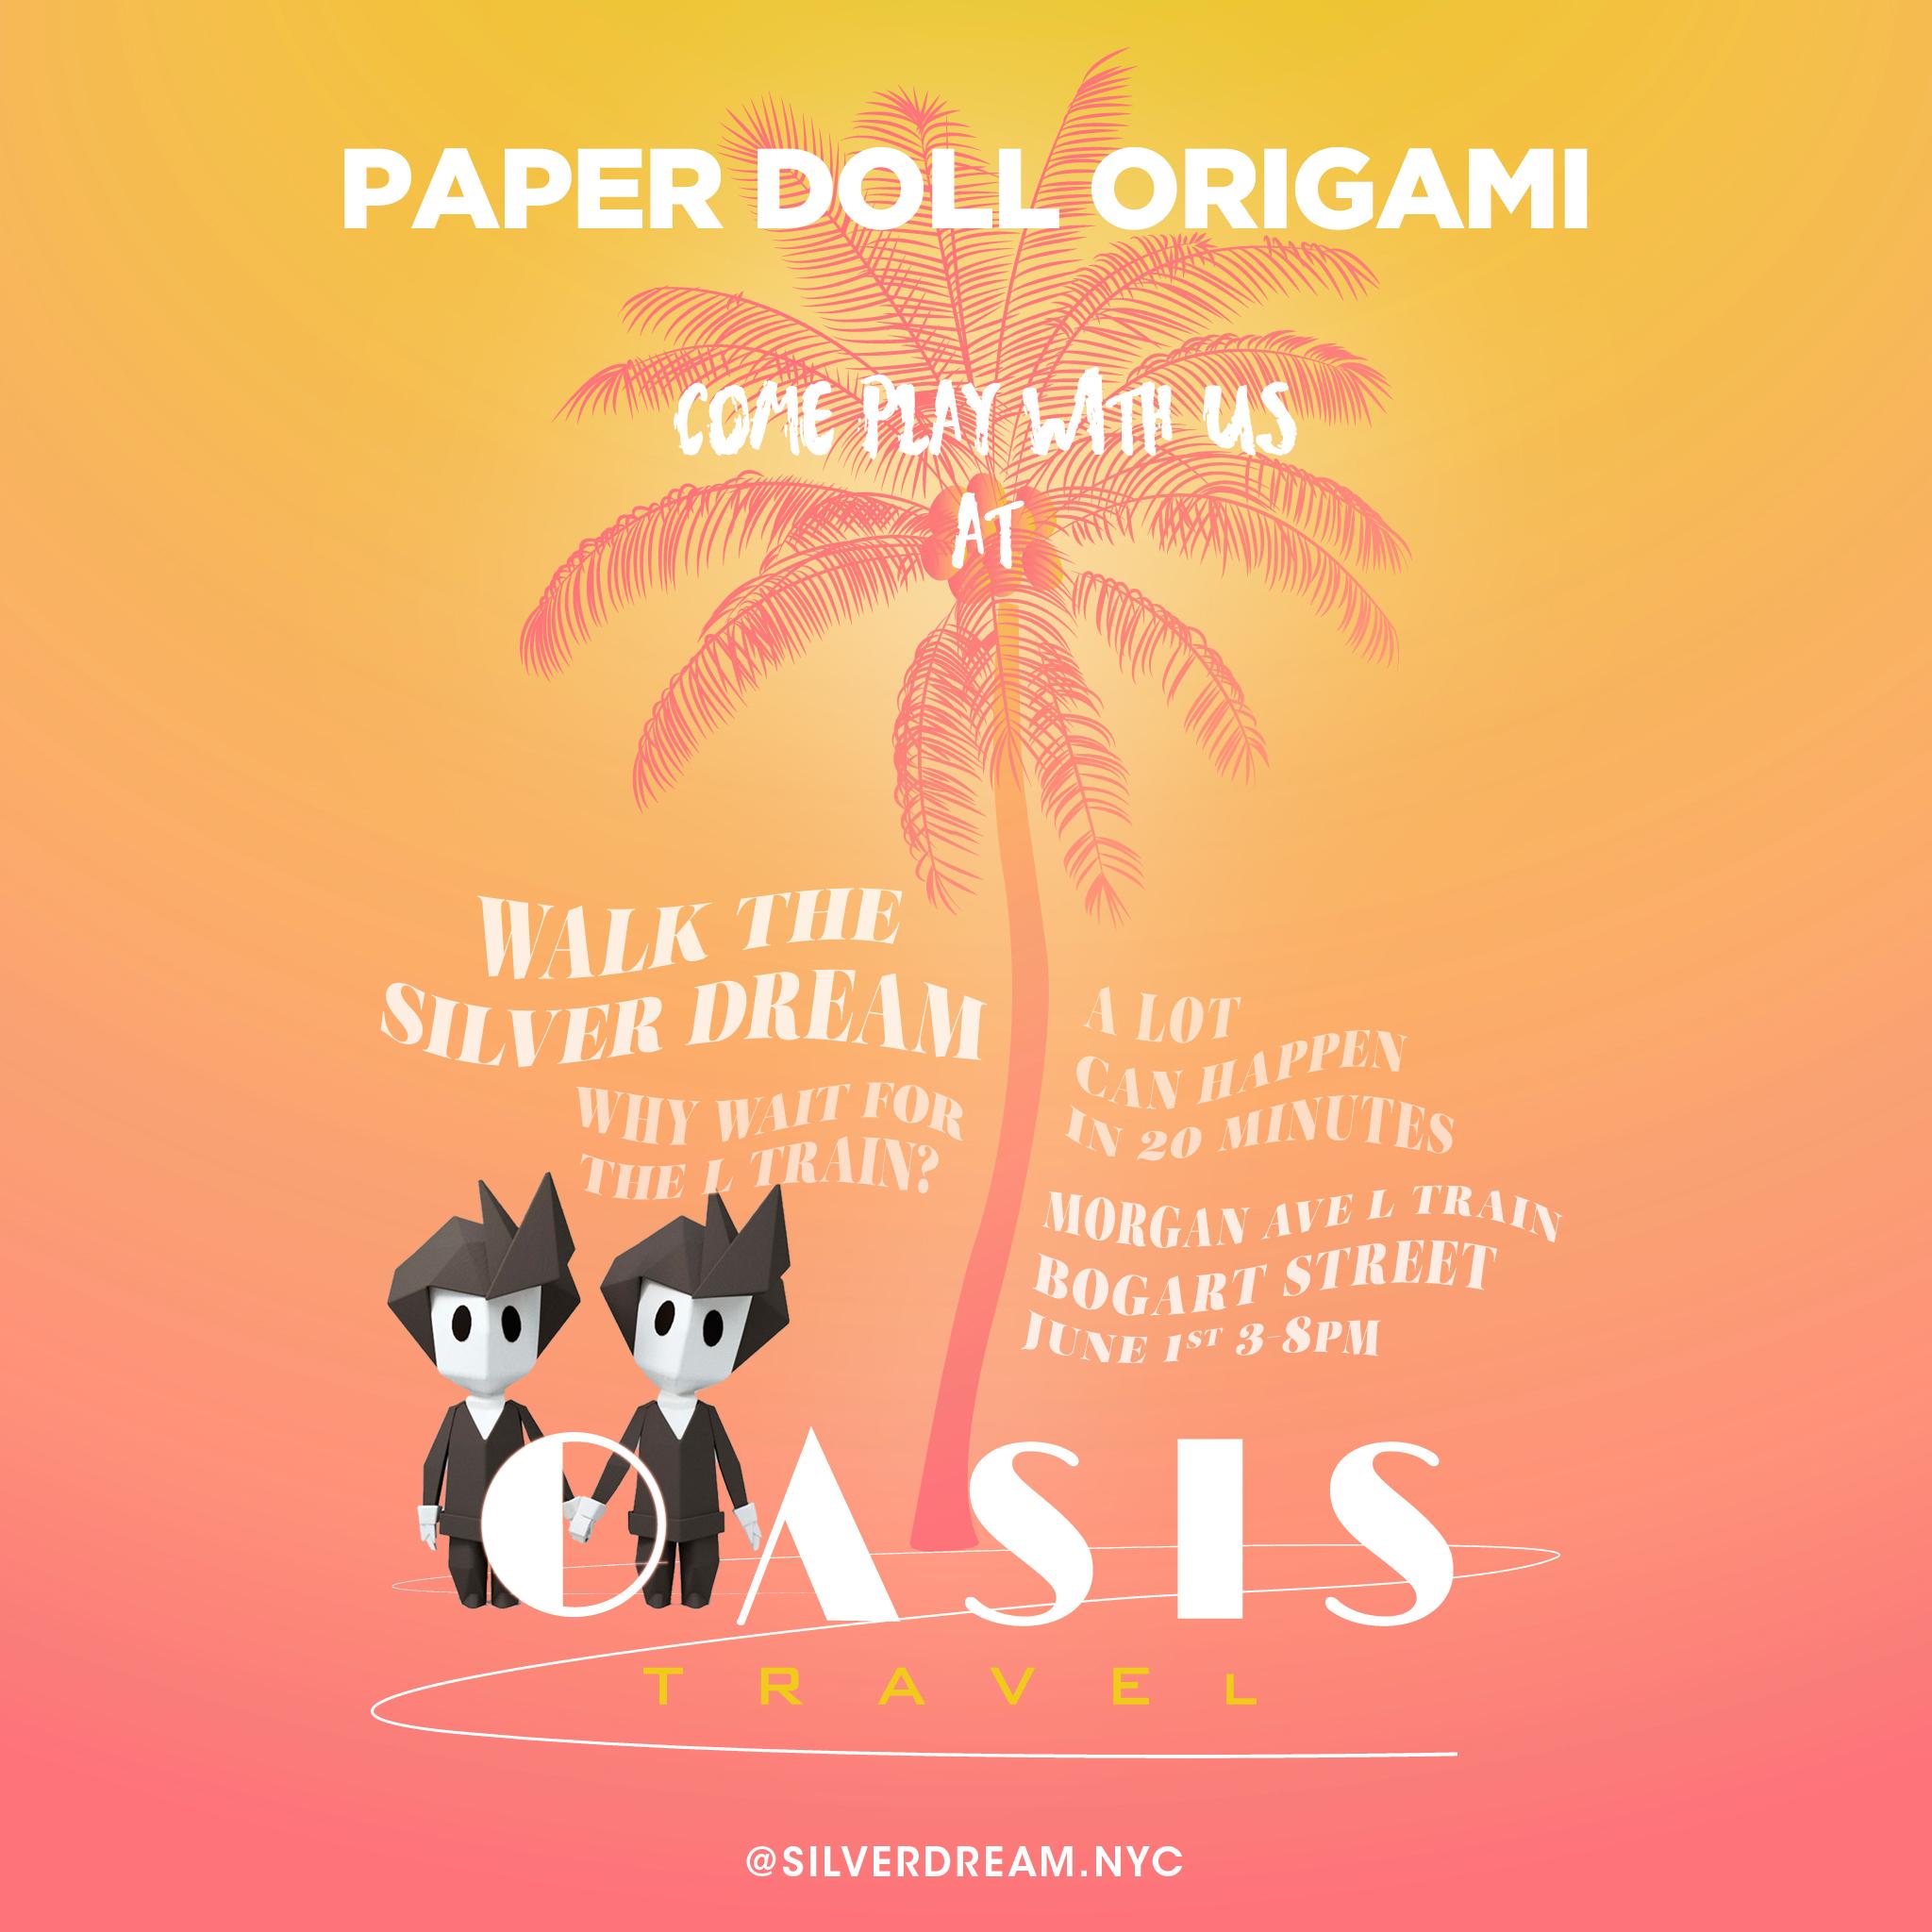 IG Story_Oasis_PDO post.jpg